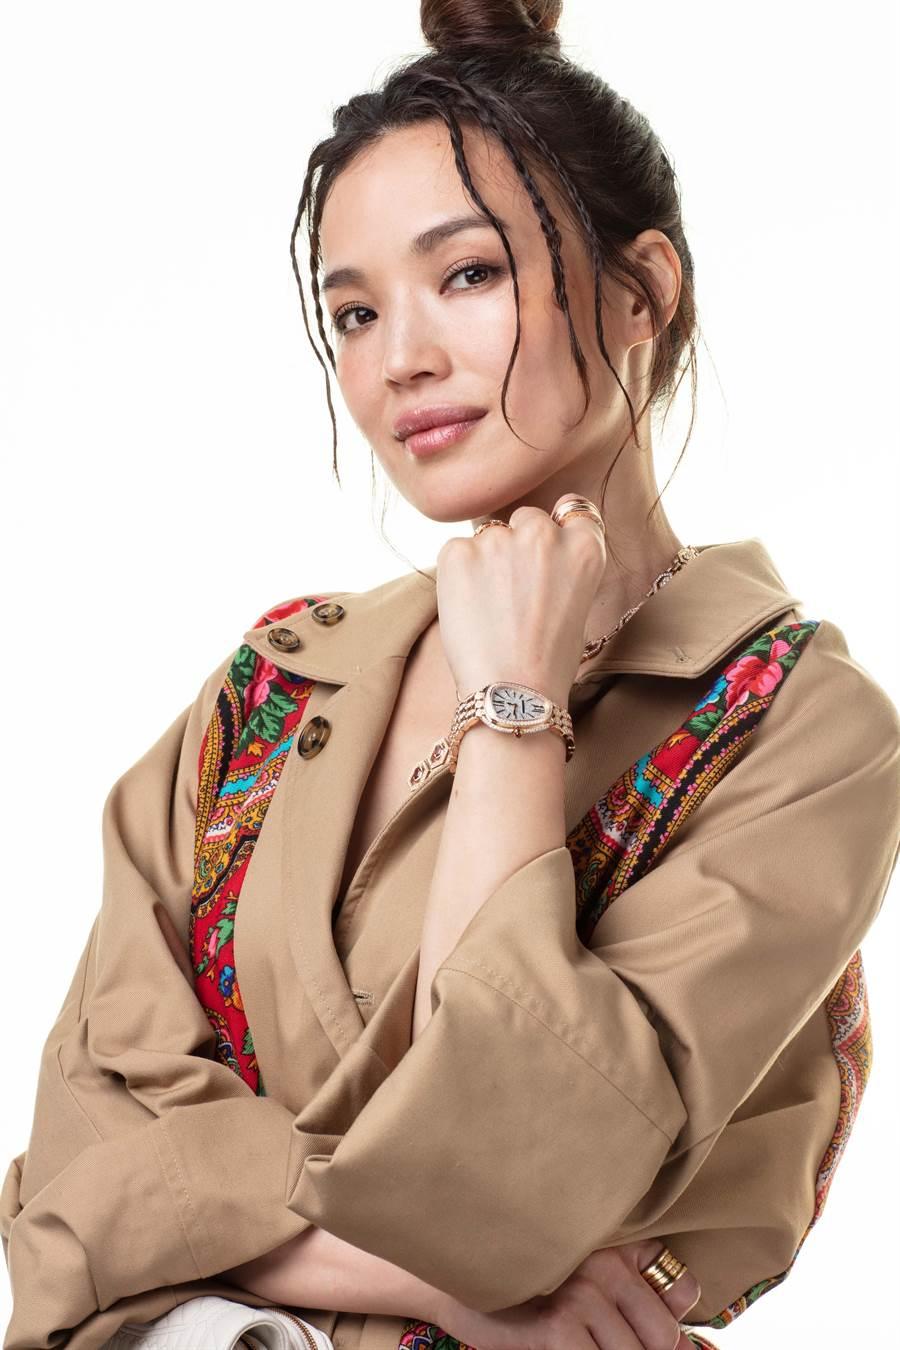 舒淇佩戴SERPENTI SEDUTTORI鎏光蛇影系列玫瑰金全鑽女表,閃爆的腕表是臉蛋之外的另一個美麗焦點。(BVLGARI提供)